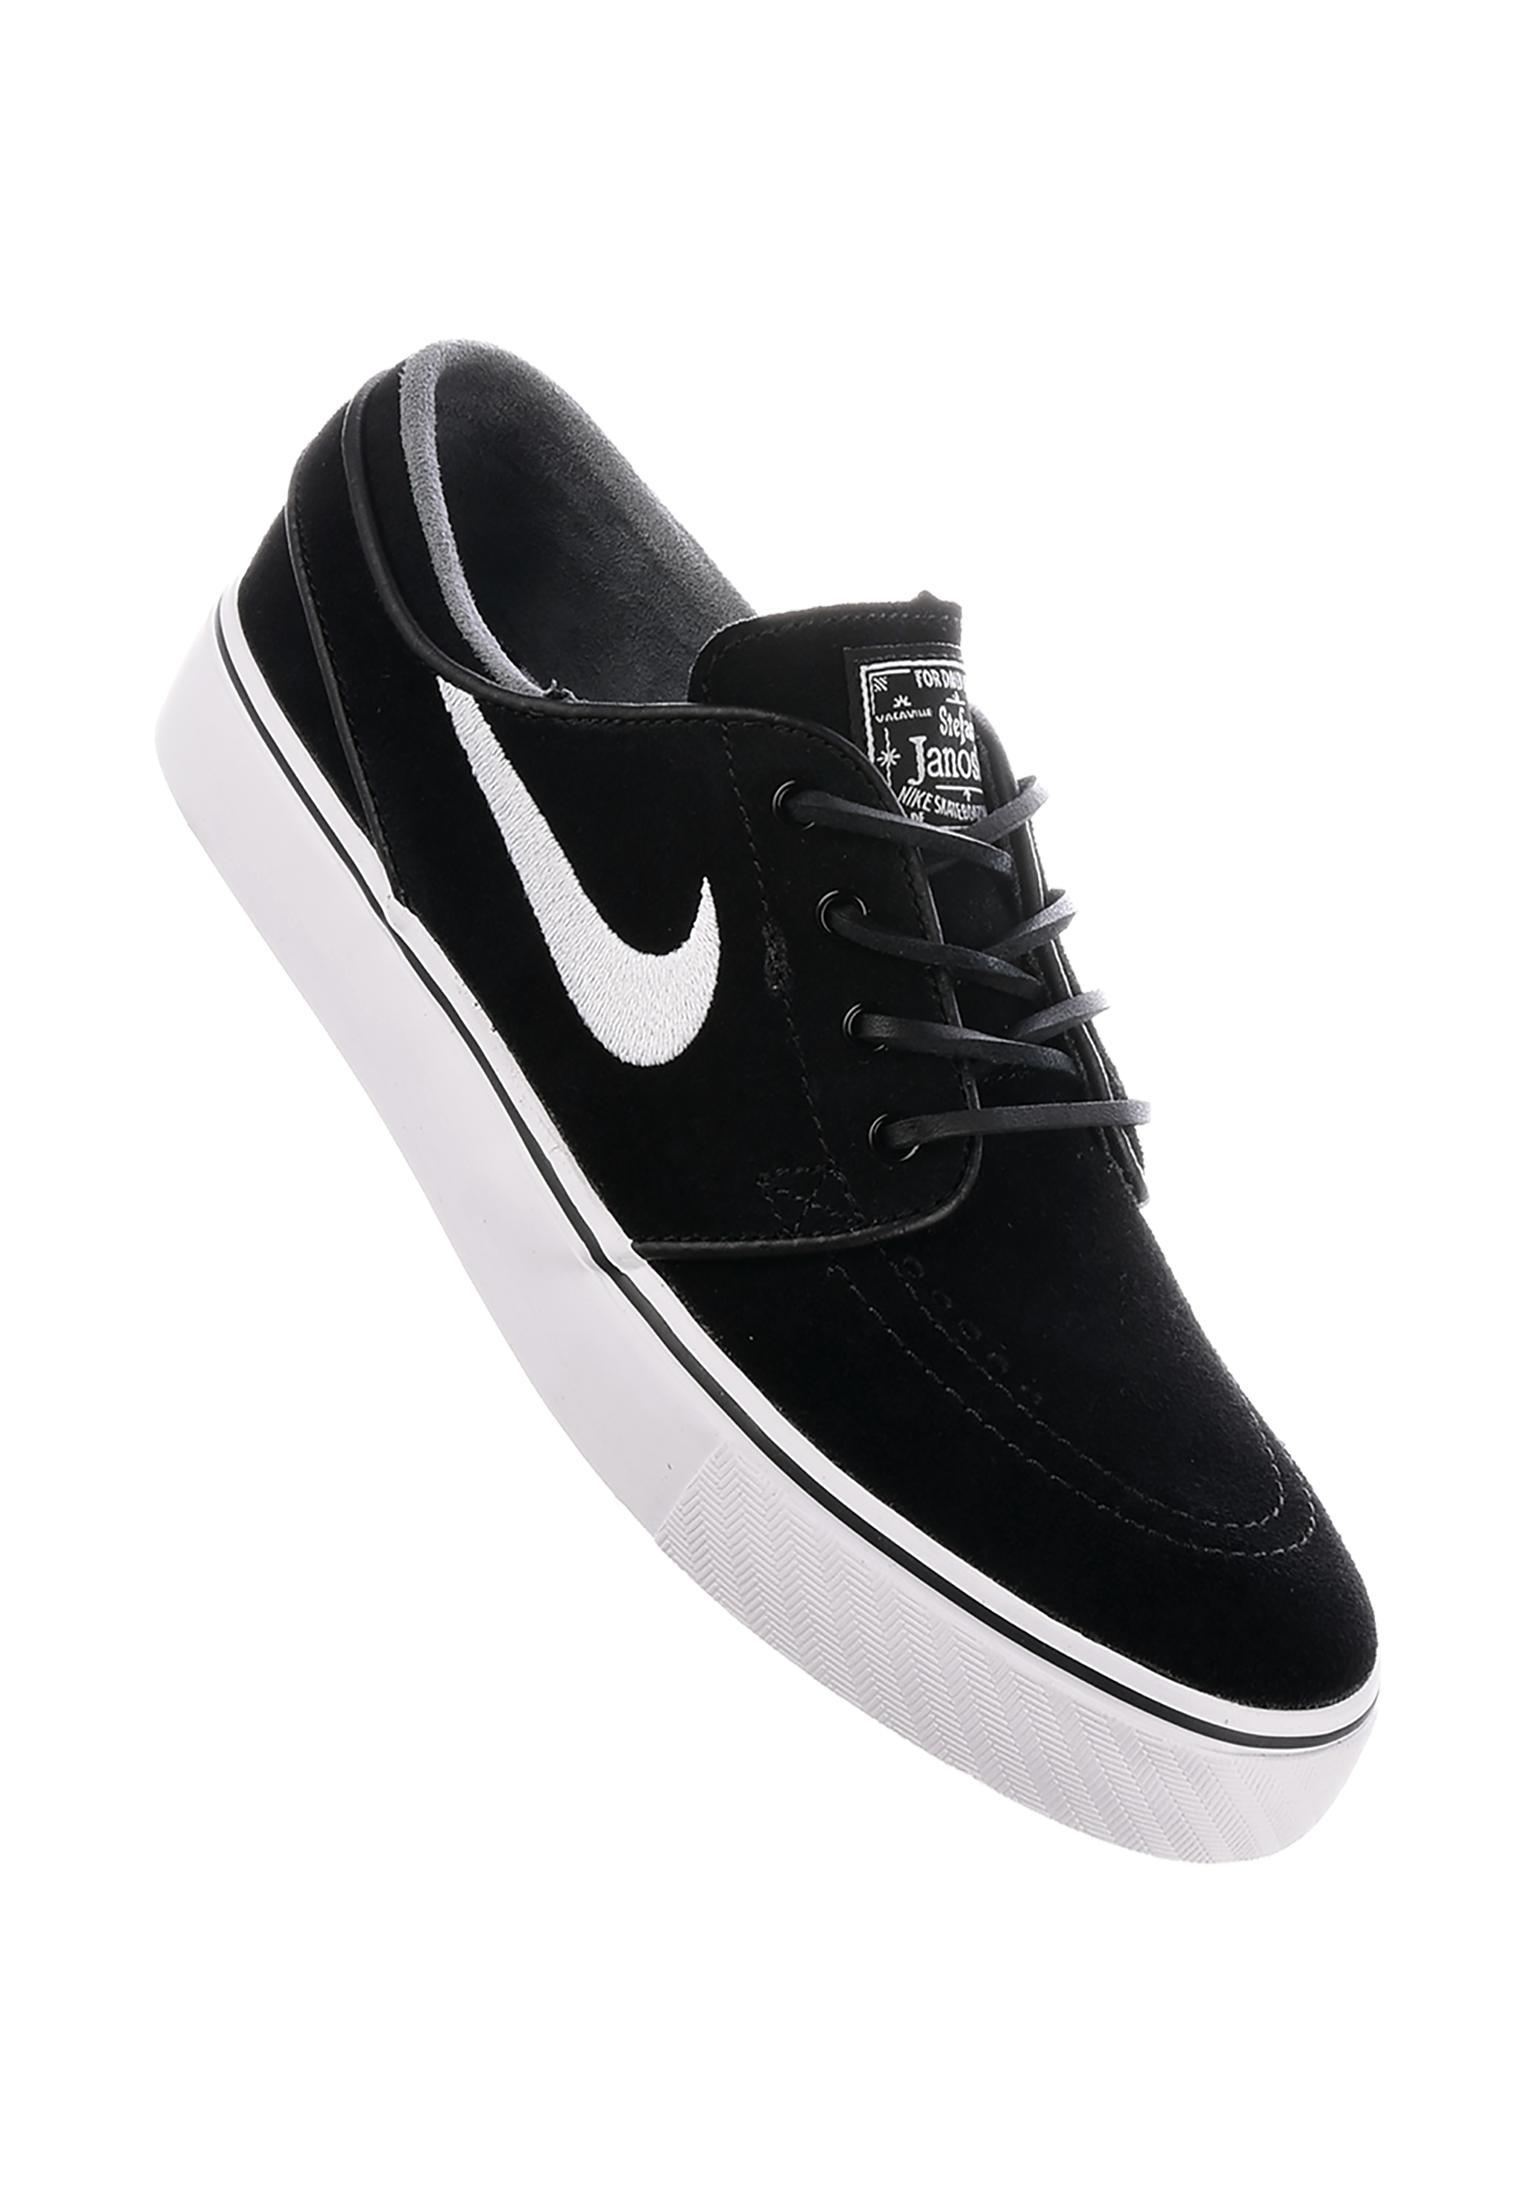 the best attitude e6962 8c55b Janoski OG Wmn Nike SB All Shoes in black-whitegum-lightbrown for Women    Titus